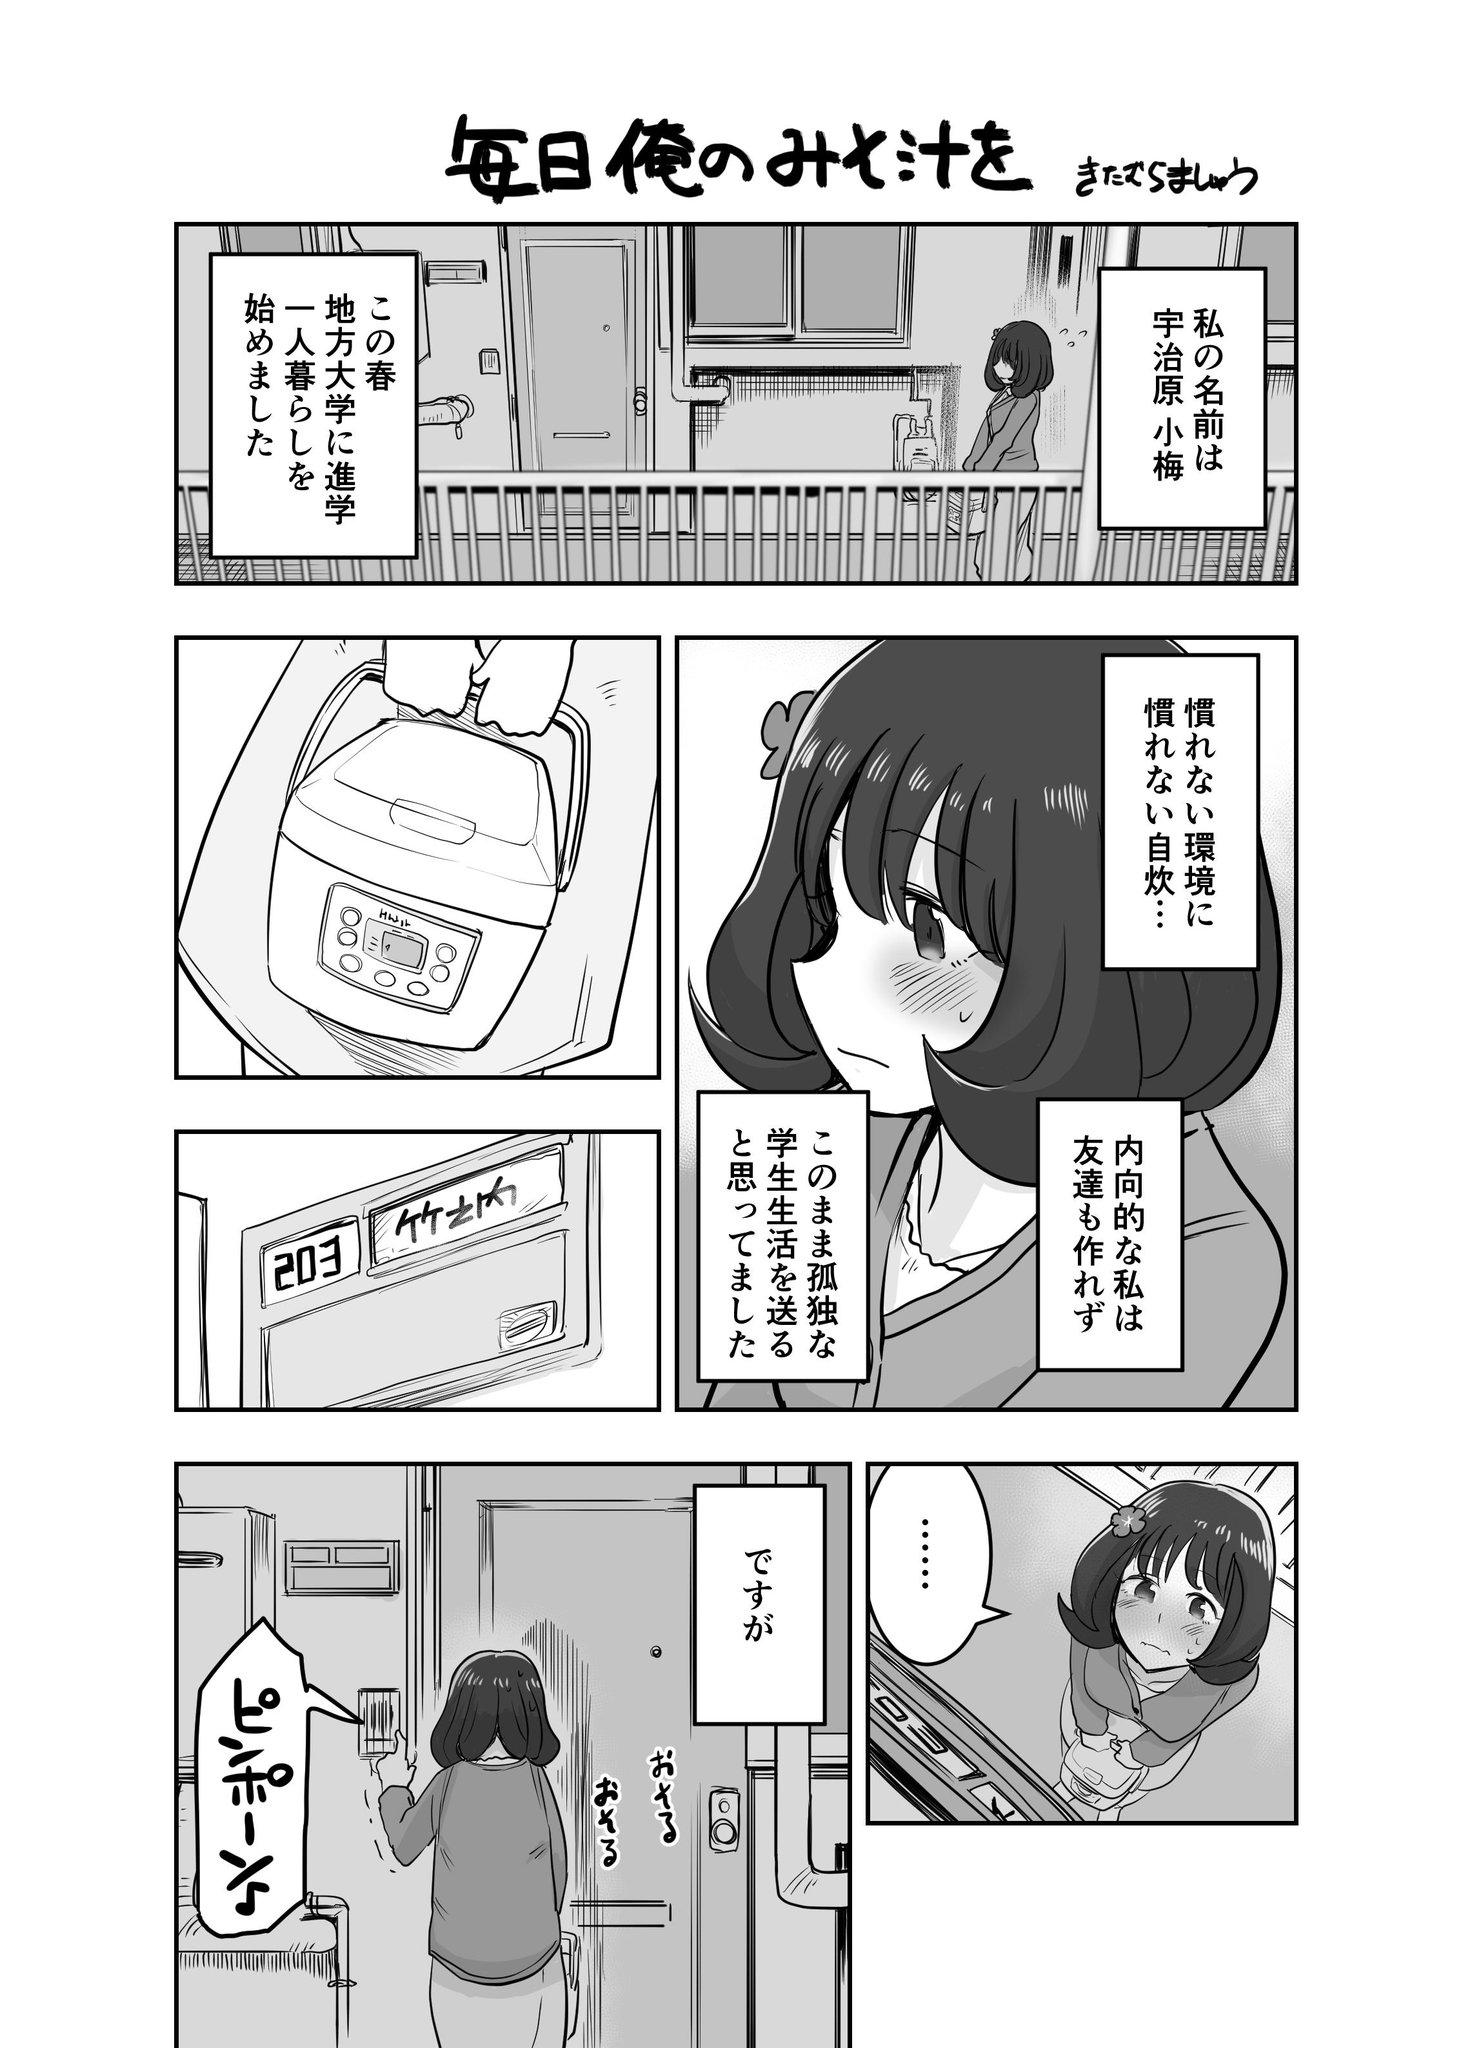 【創作漫画】女の子が毎日みそ汁を食べさせてもらう漫画①